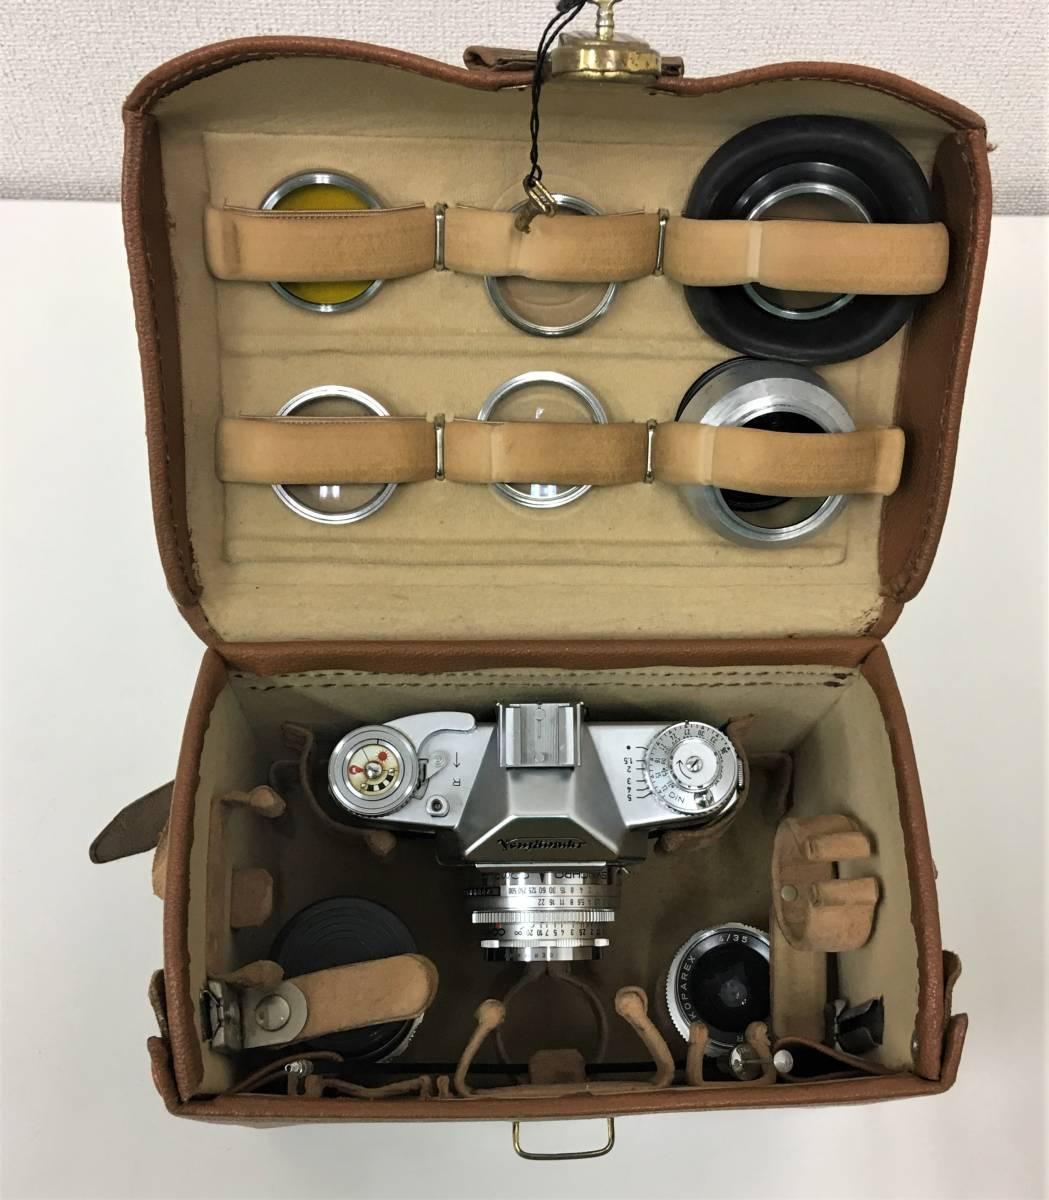 西ドイツ製 カメラ+レンズ3つセット【Voigtlander BESSAMATIC・Skopar X 1:2.8/50・Super-Dynarex 1:4/135など】箱有/A5730_画像9